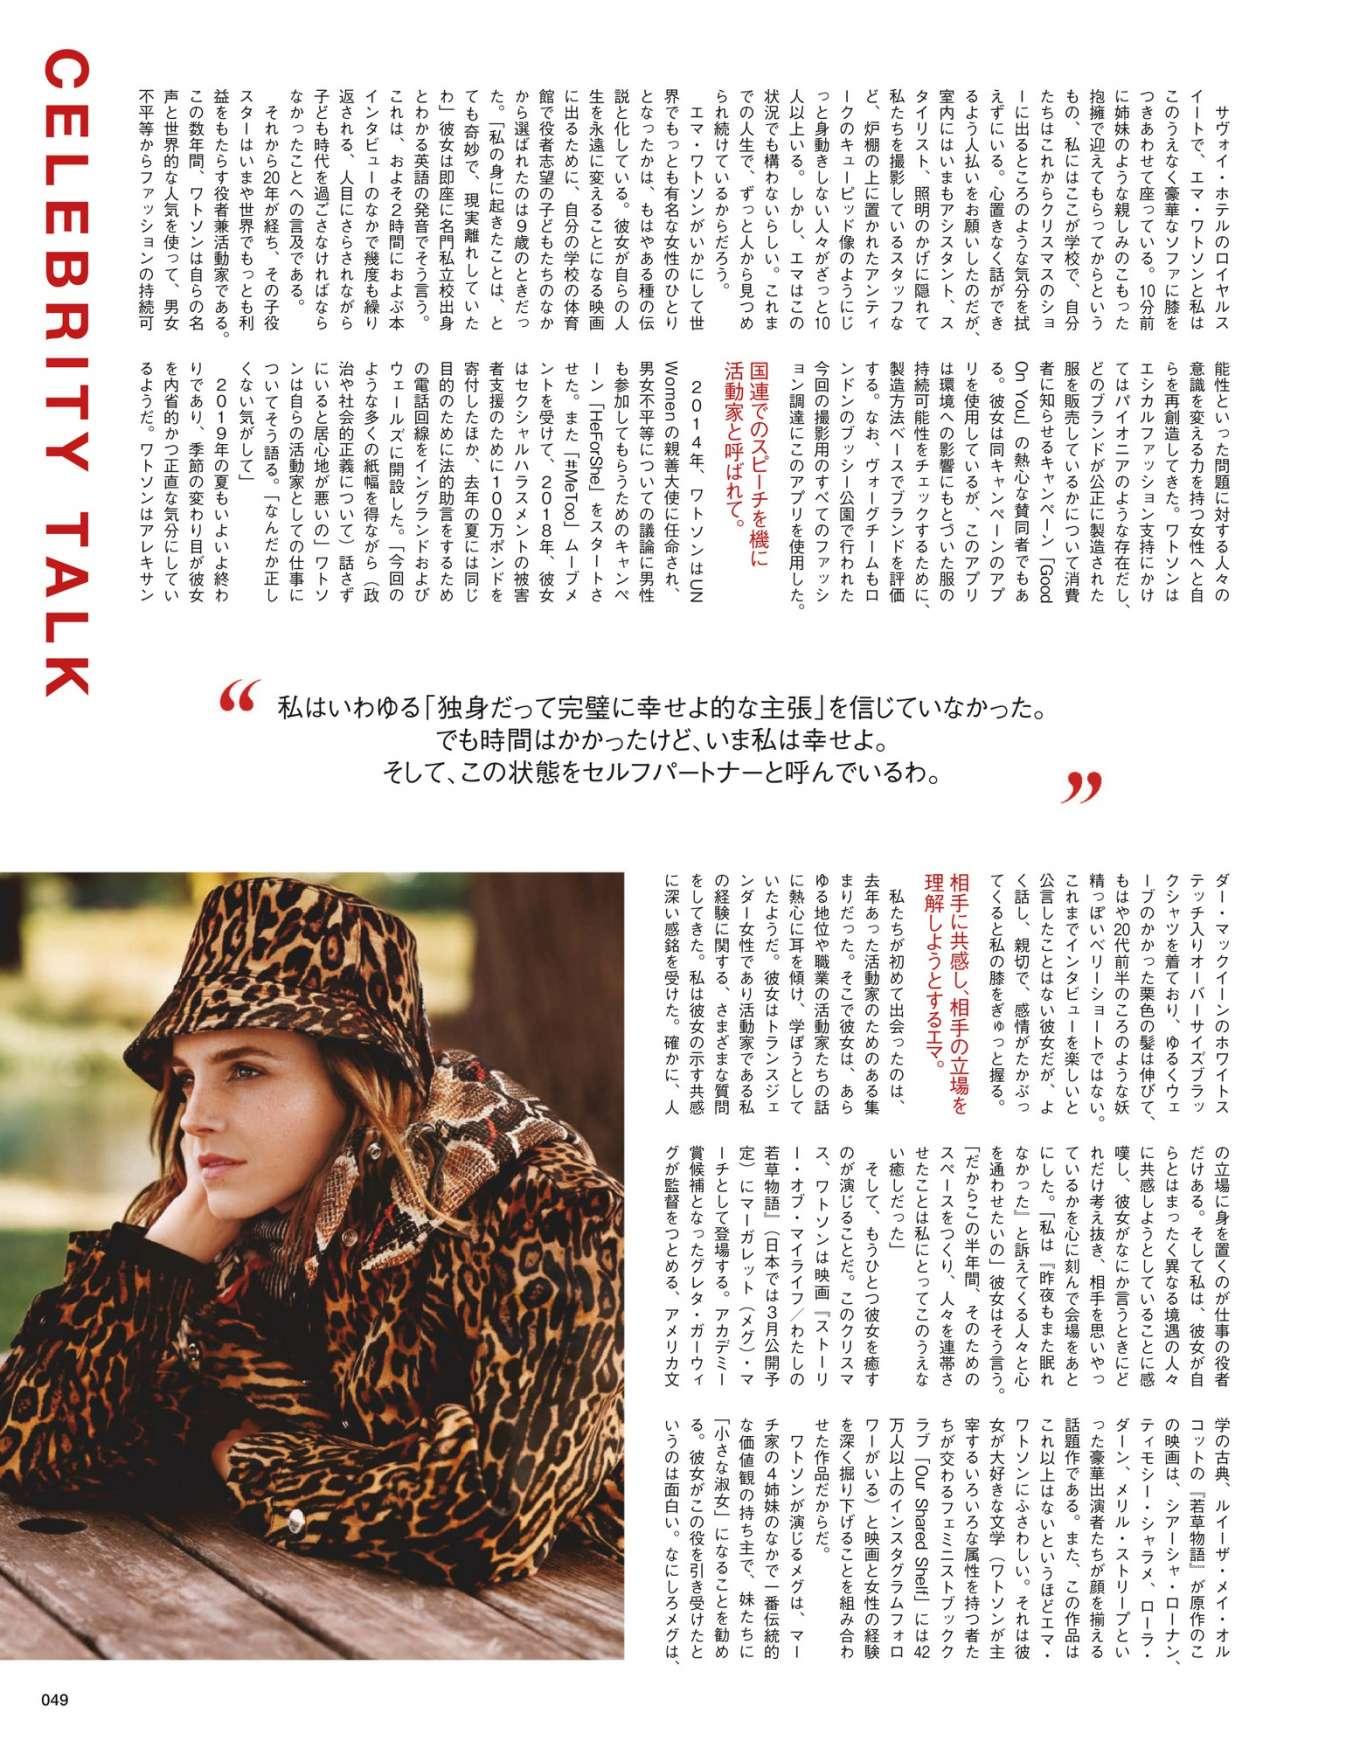 Emma Watson 2020 : Emma Watson – Vogue Japan 2020-01